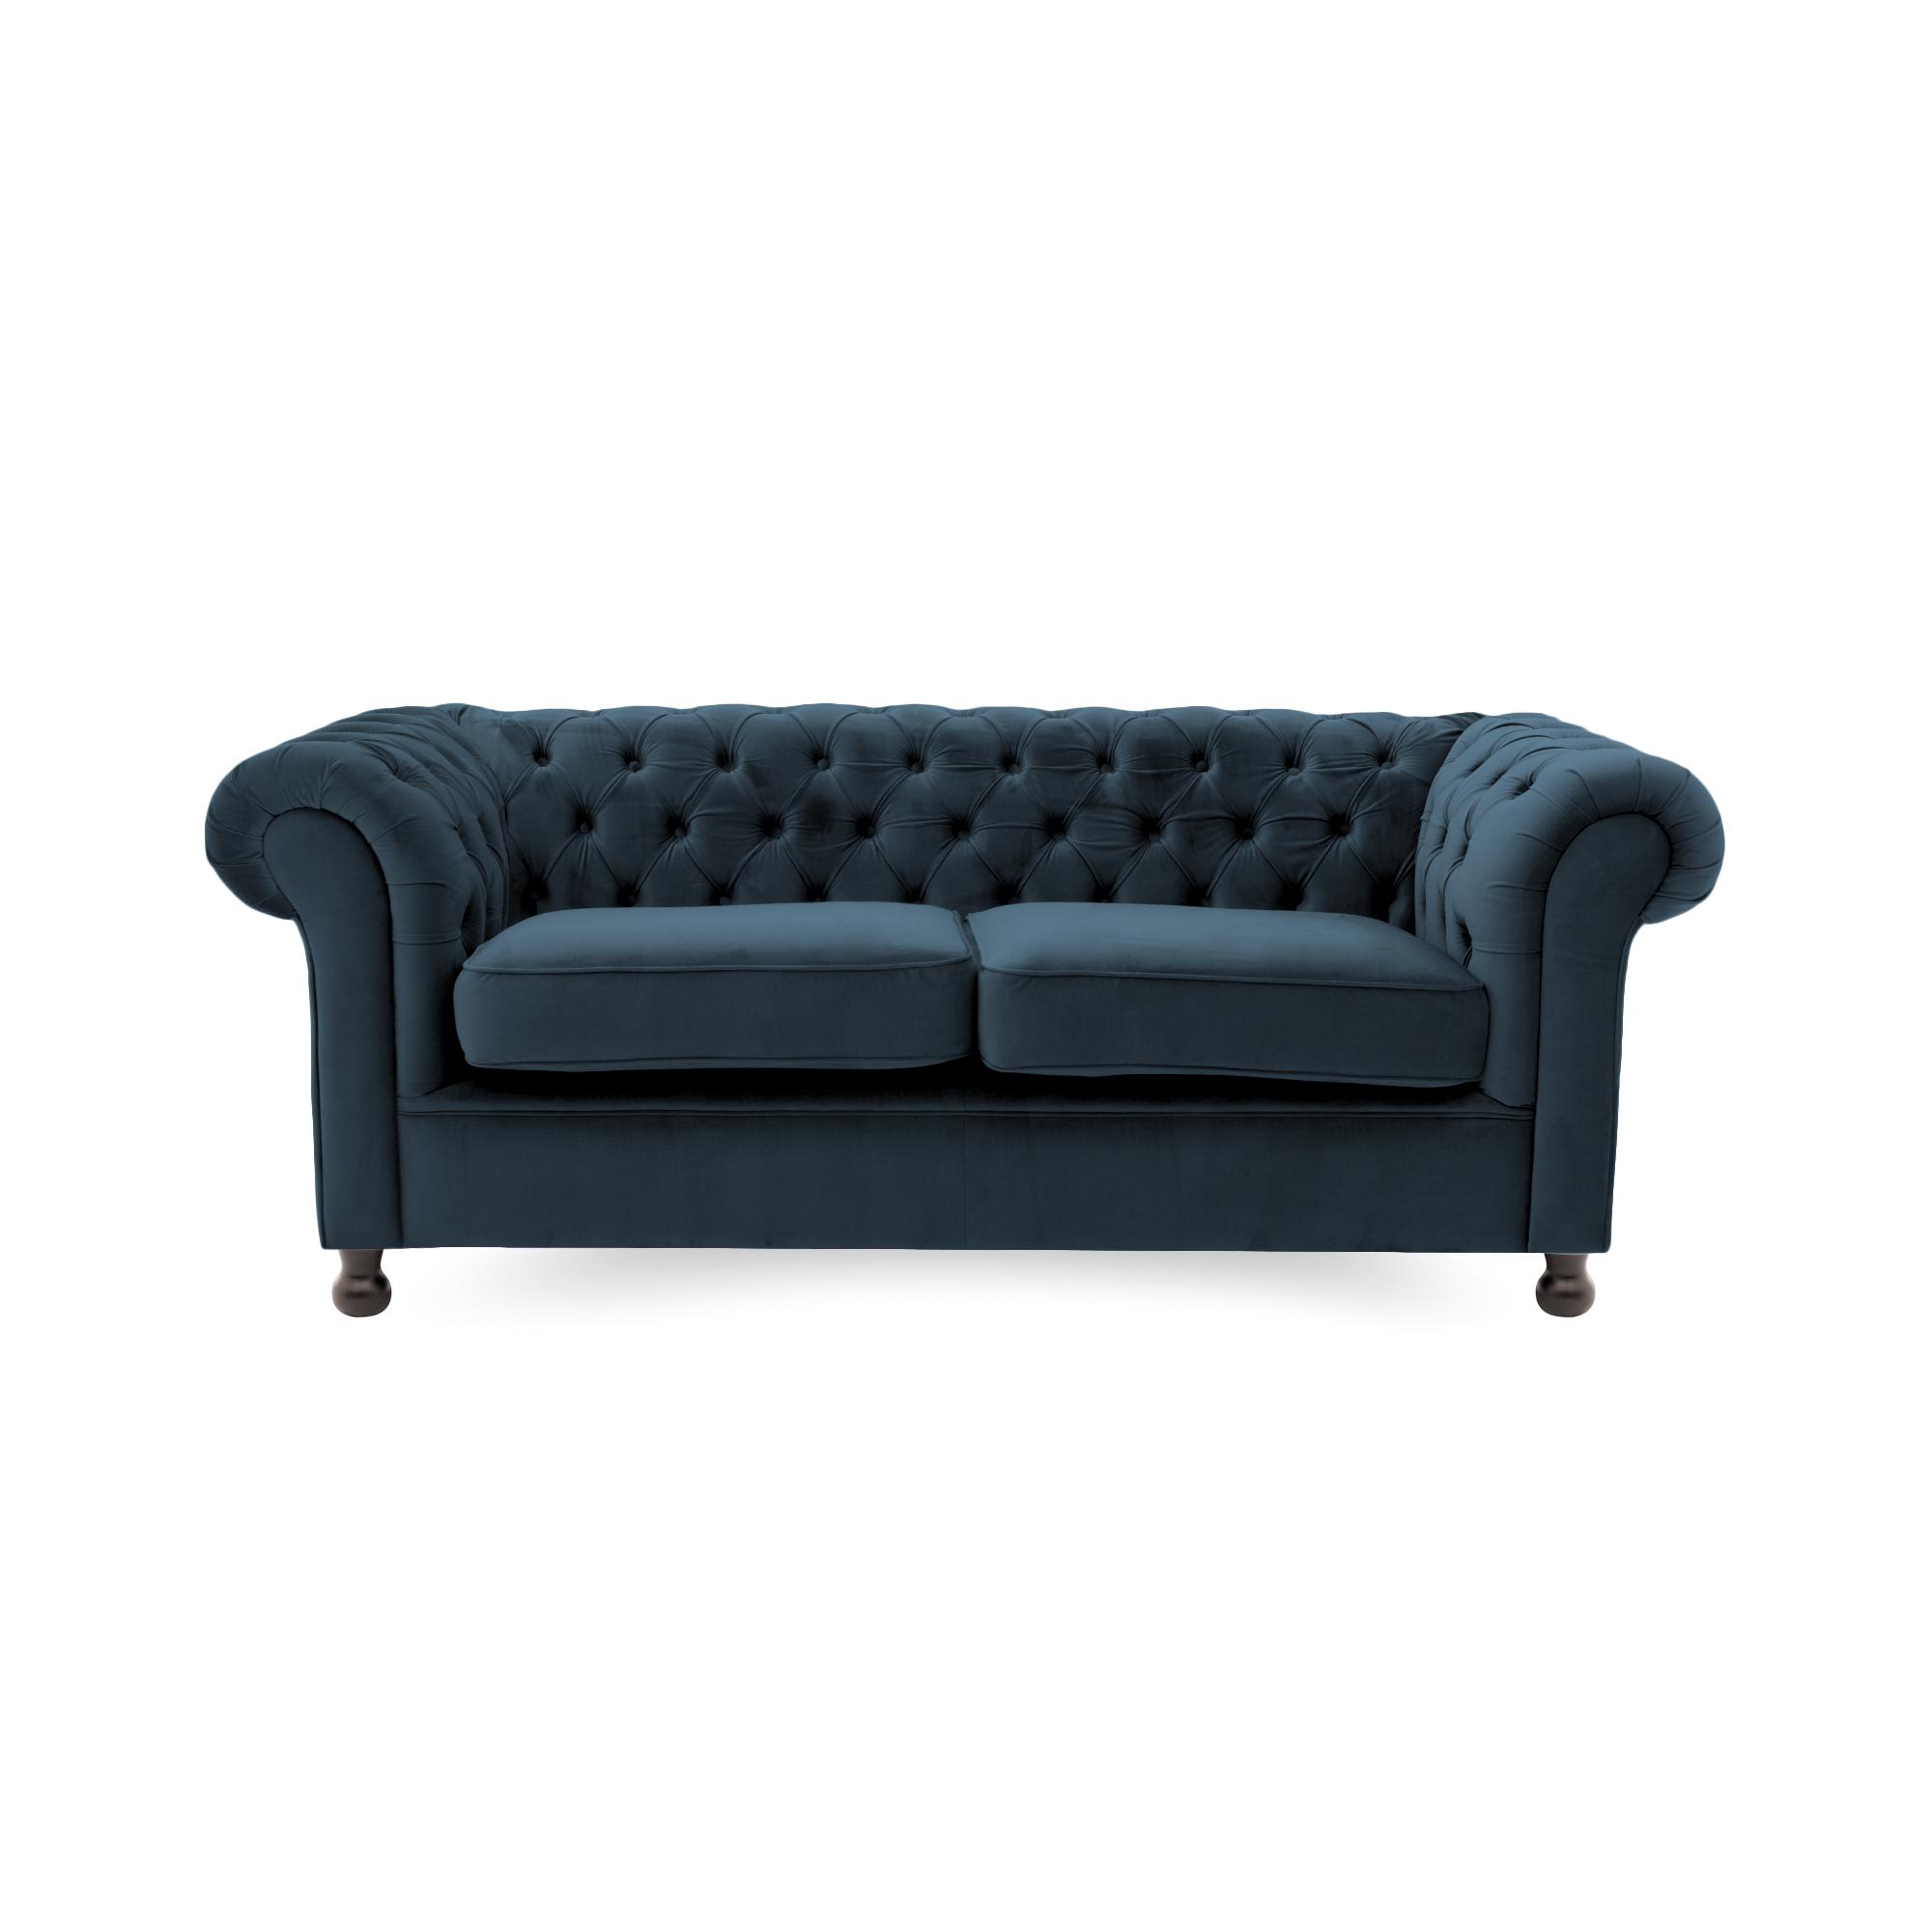 Canapea Fixa 3 locuri Chesterfield Marine Blue